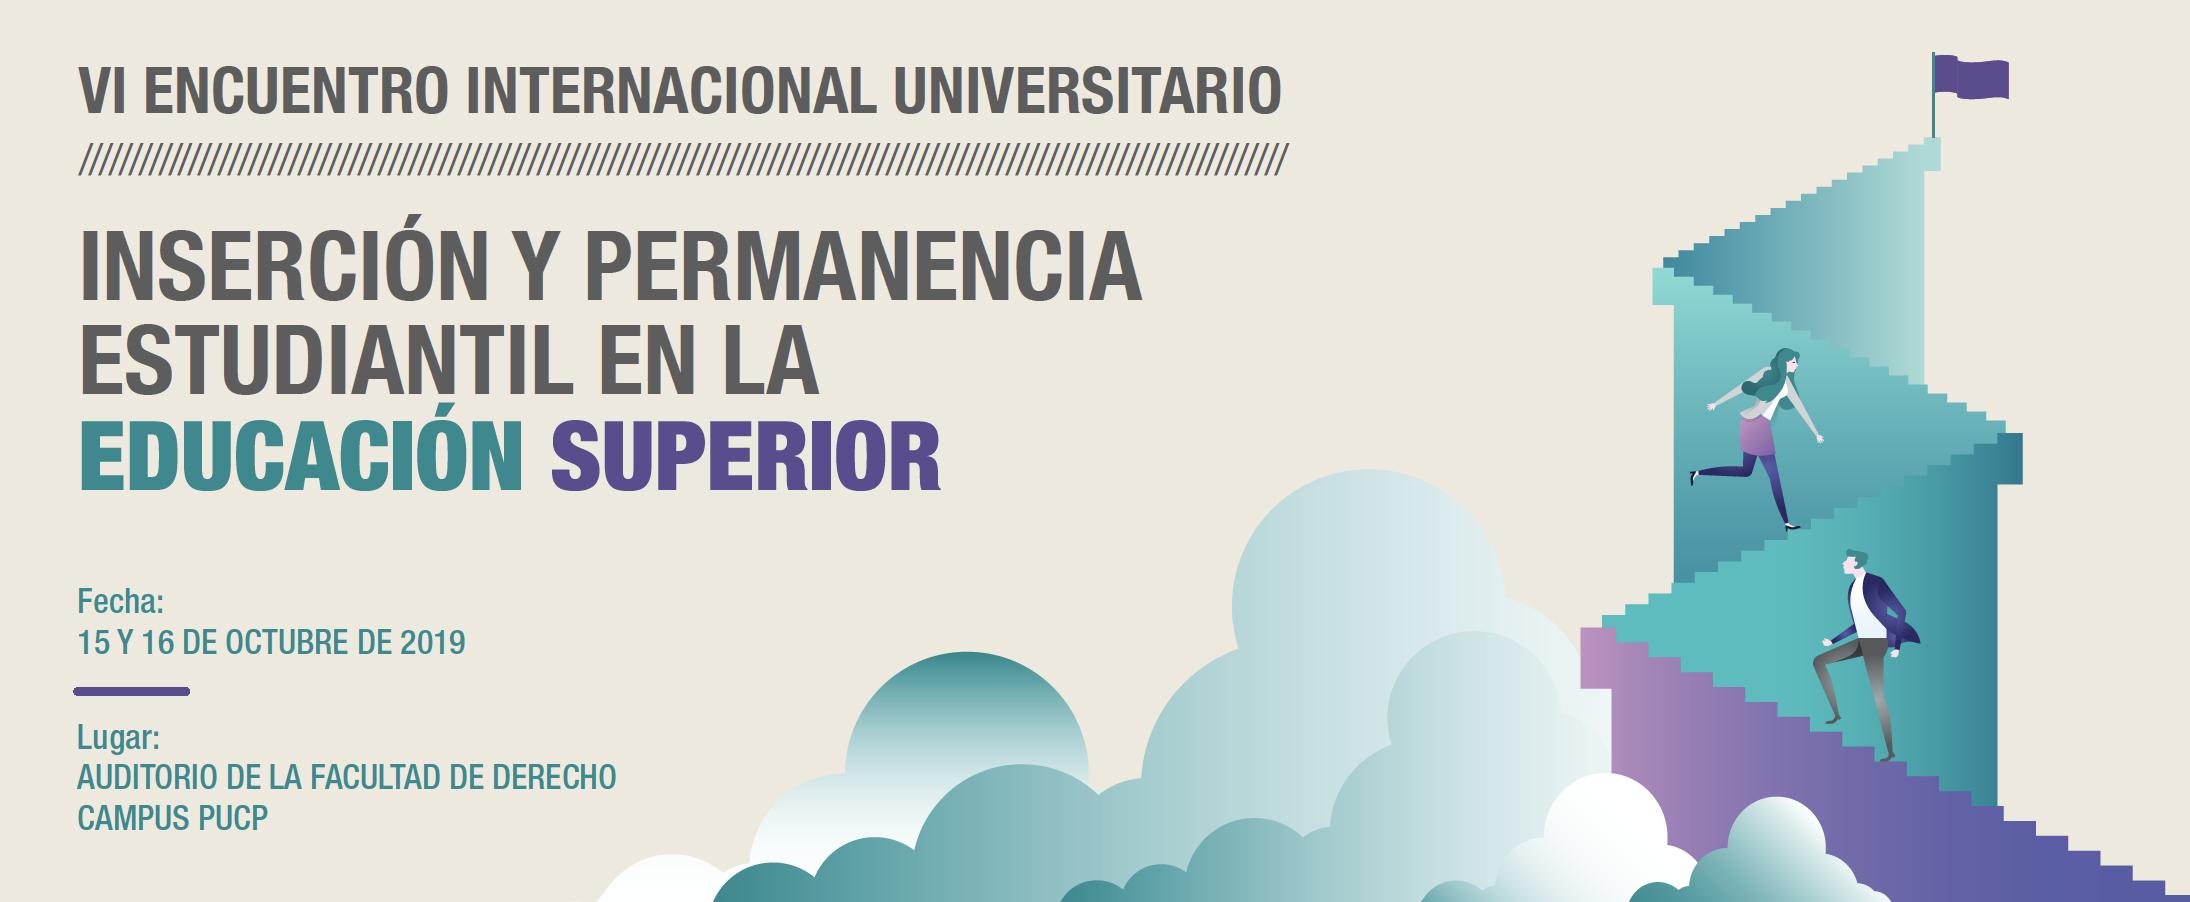 VI Encuentro Internacional Universitario Inserción y Permanencia Estudiantil en la Educación Superior.png